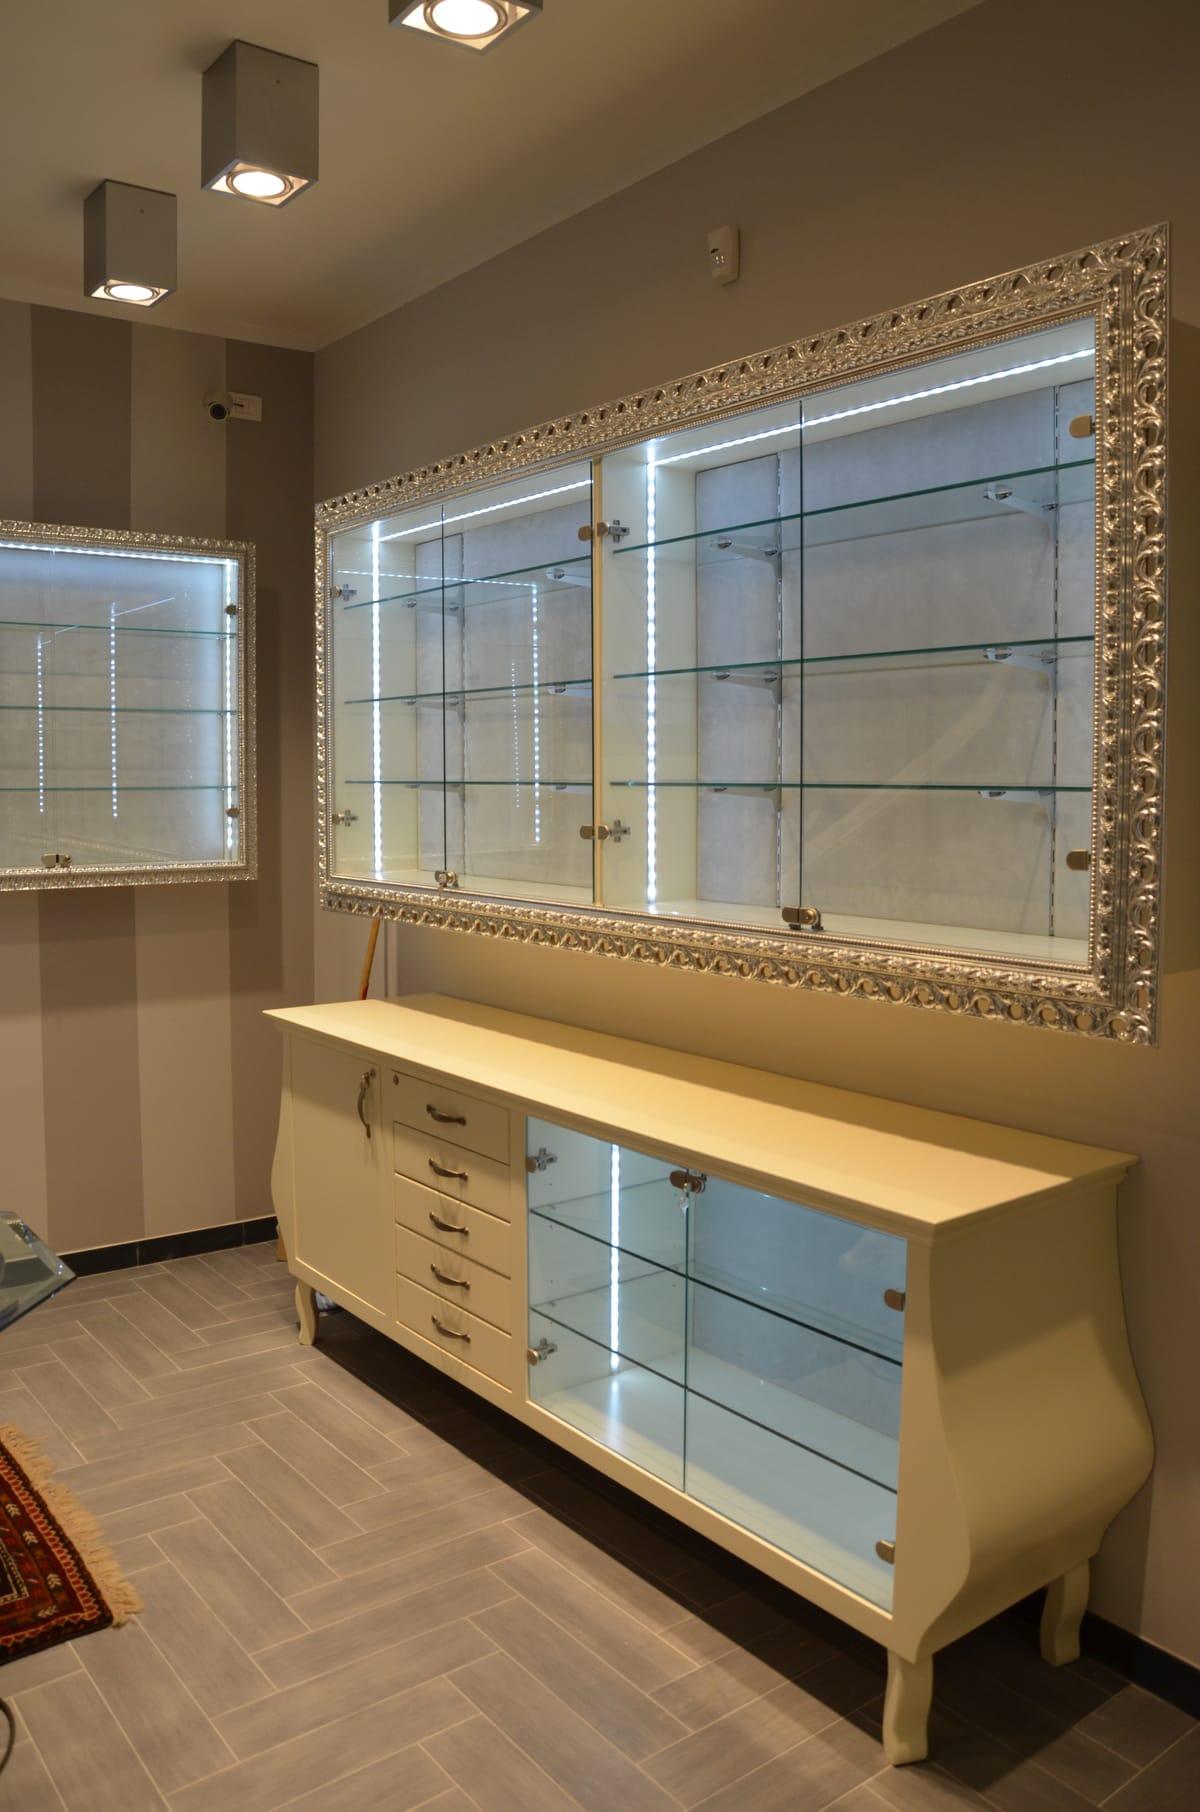 Surgea arredamento negozi interior design genova for Negozi design